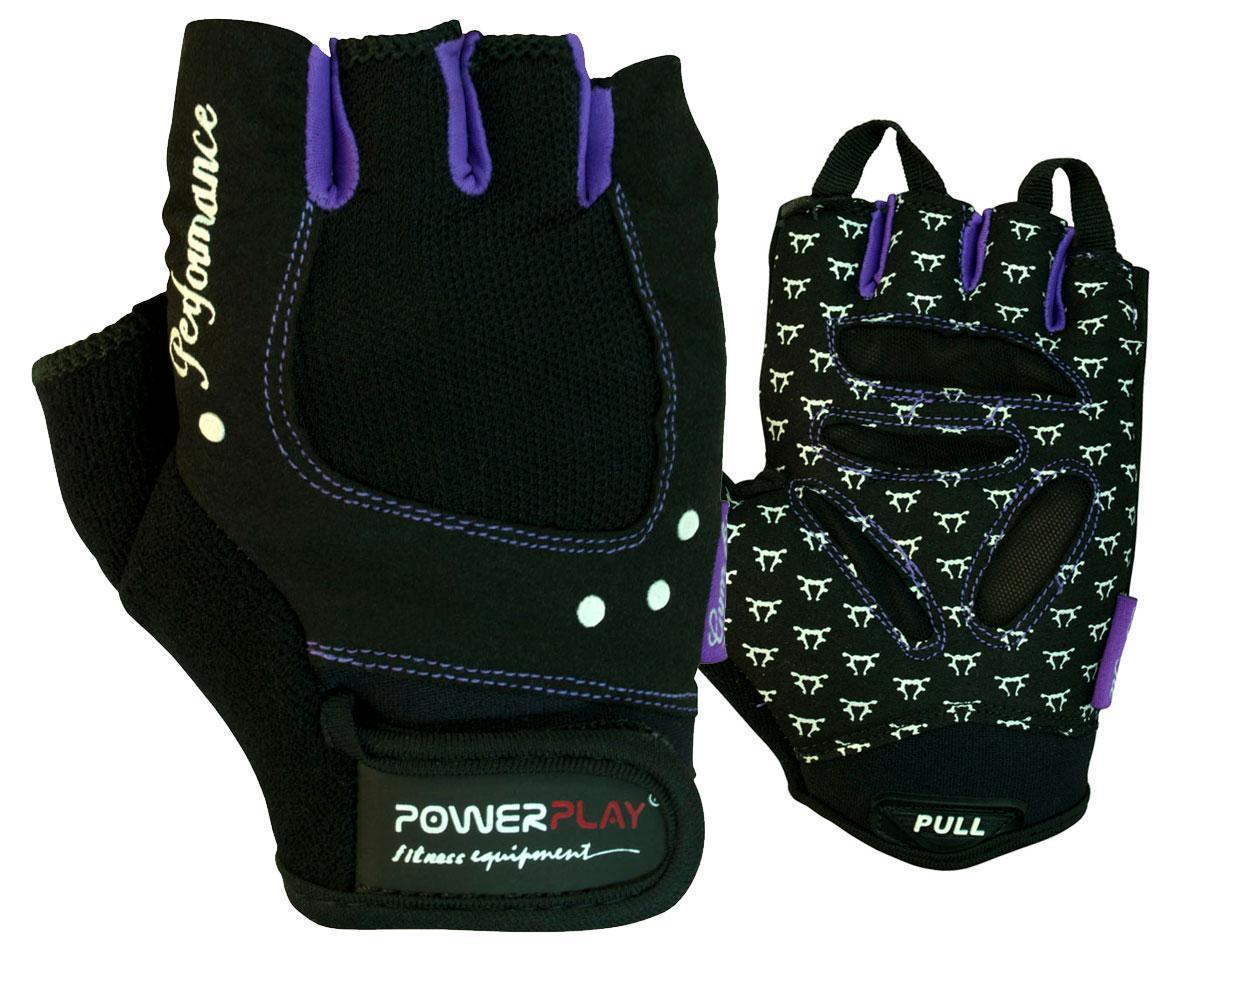 Перчатки для фитнеса PowerPlay 1751 женские Черно-фиолетовые M